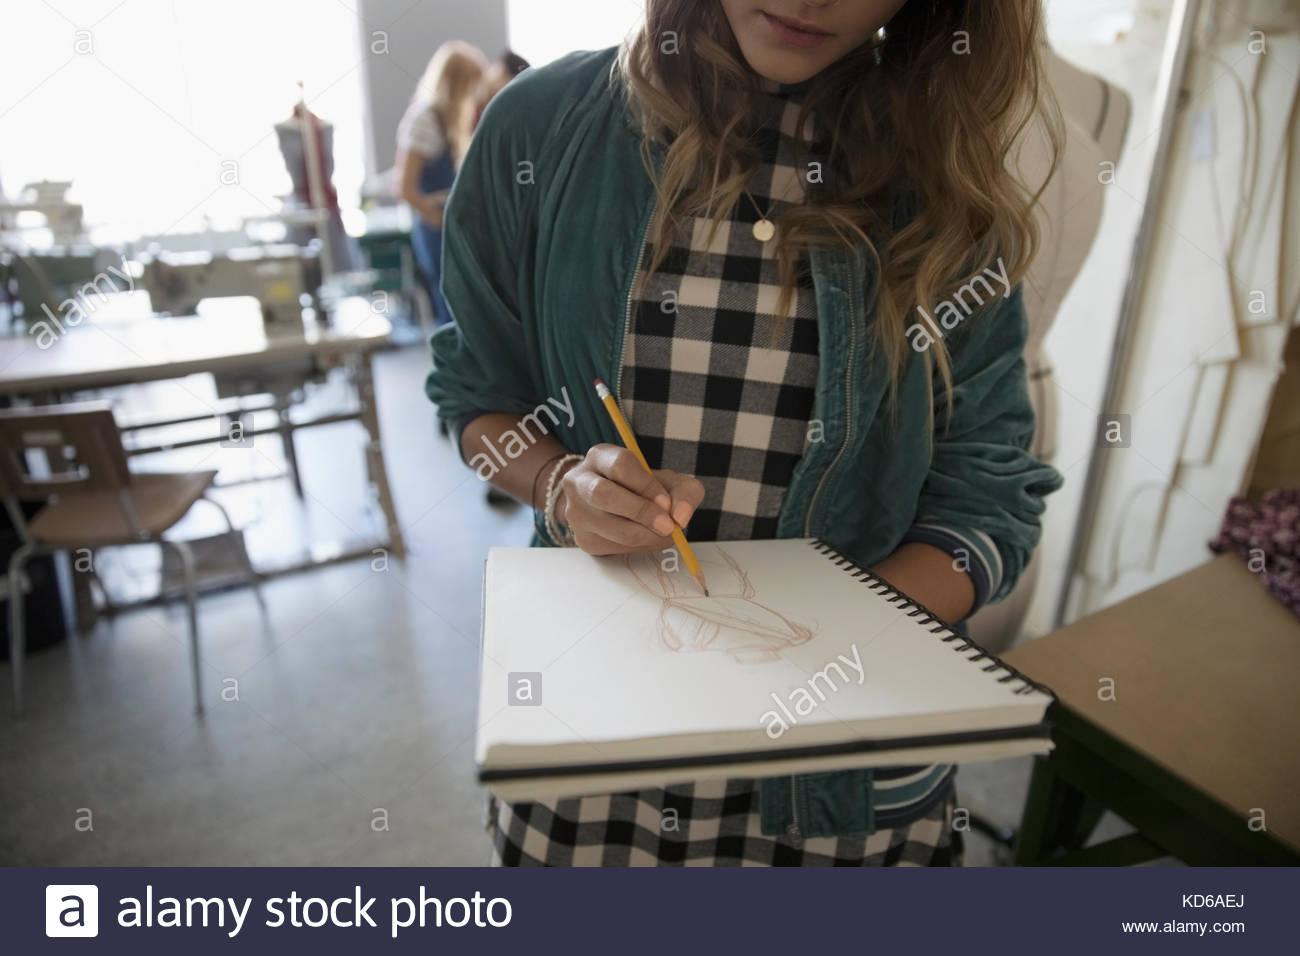 Weibliche Mode Design student Skizzieren in Notebook Stockbild